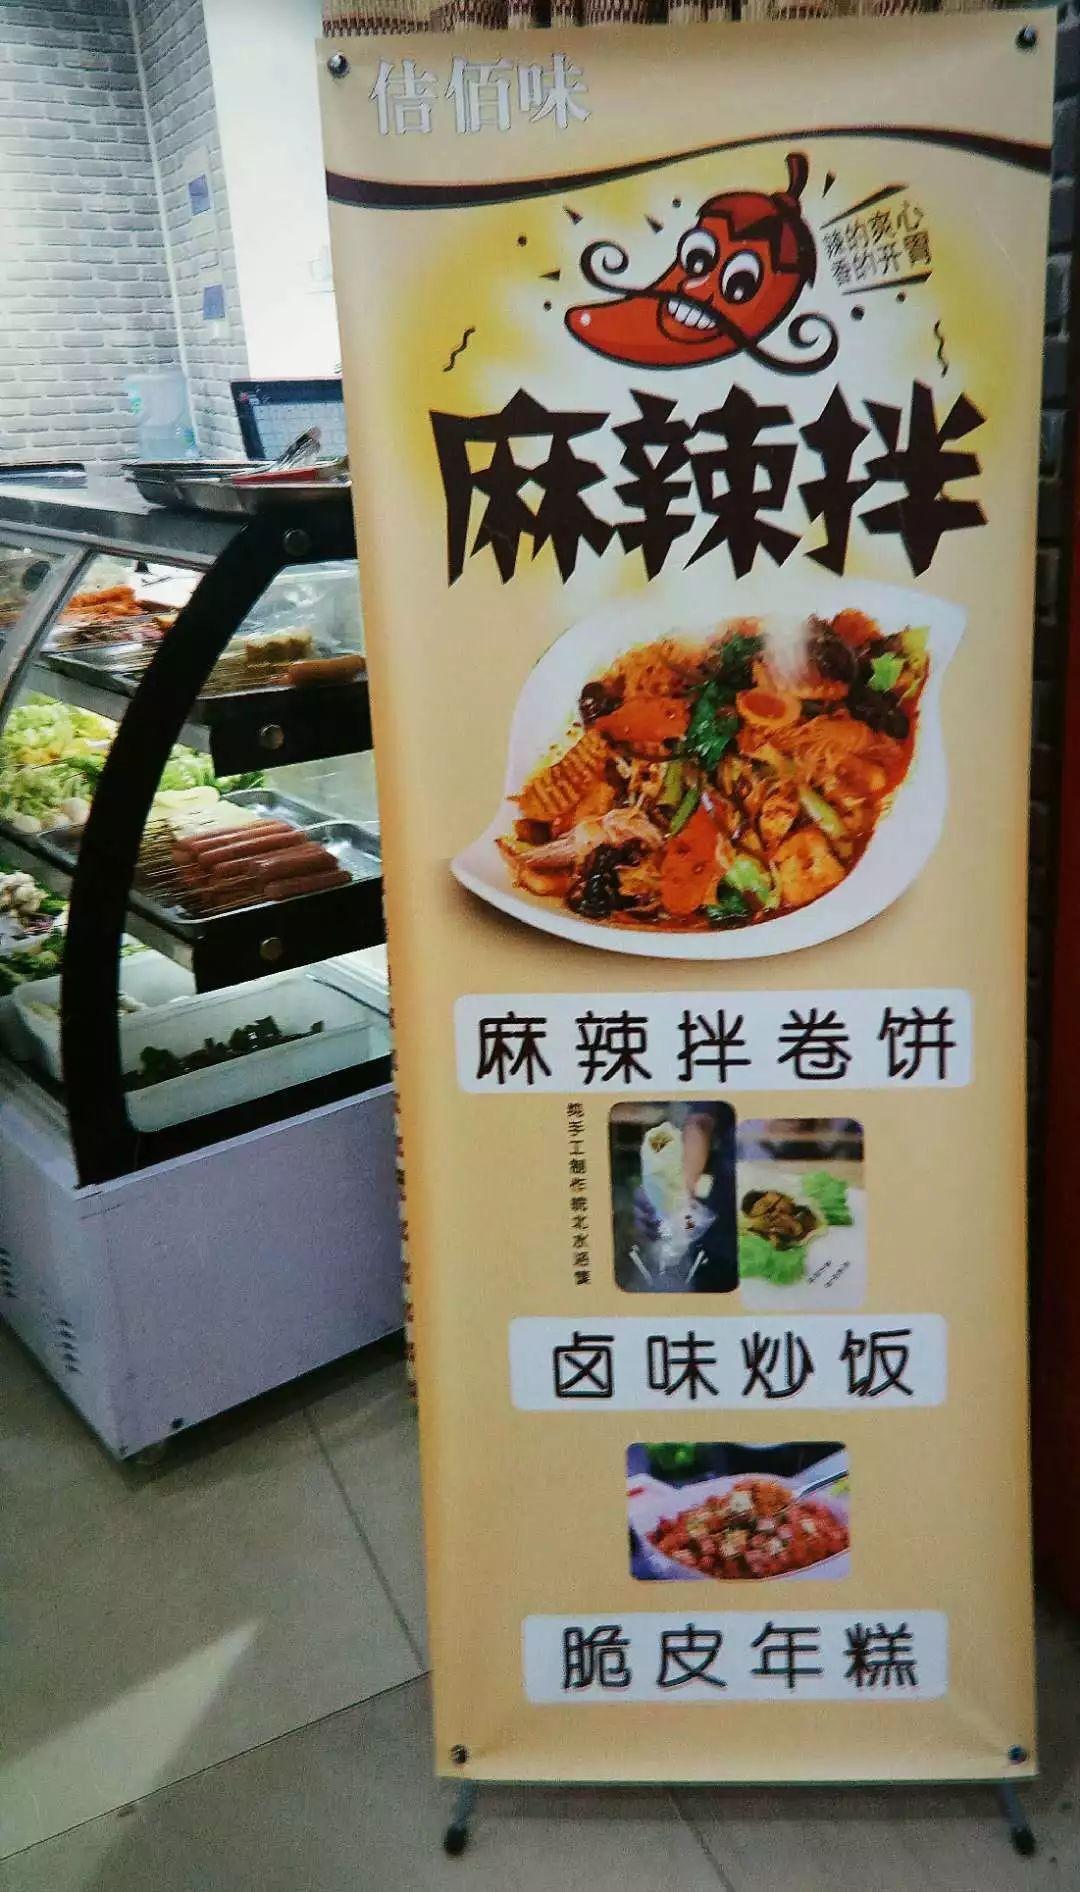 煎饼卷串图_街边小吃的别样做法,你吃过这样的卷饼和炸串吗?_拌和